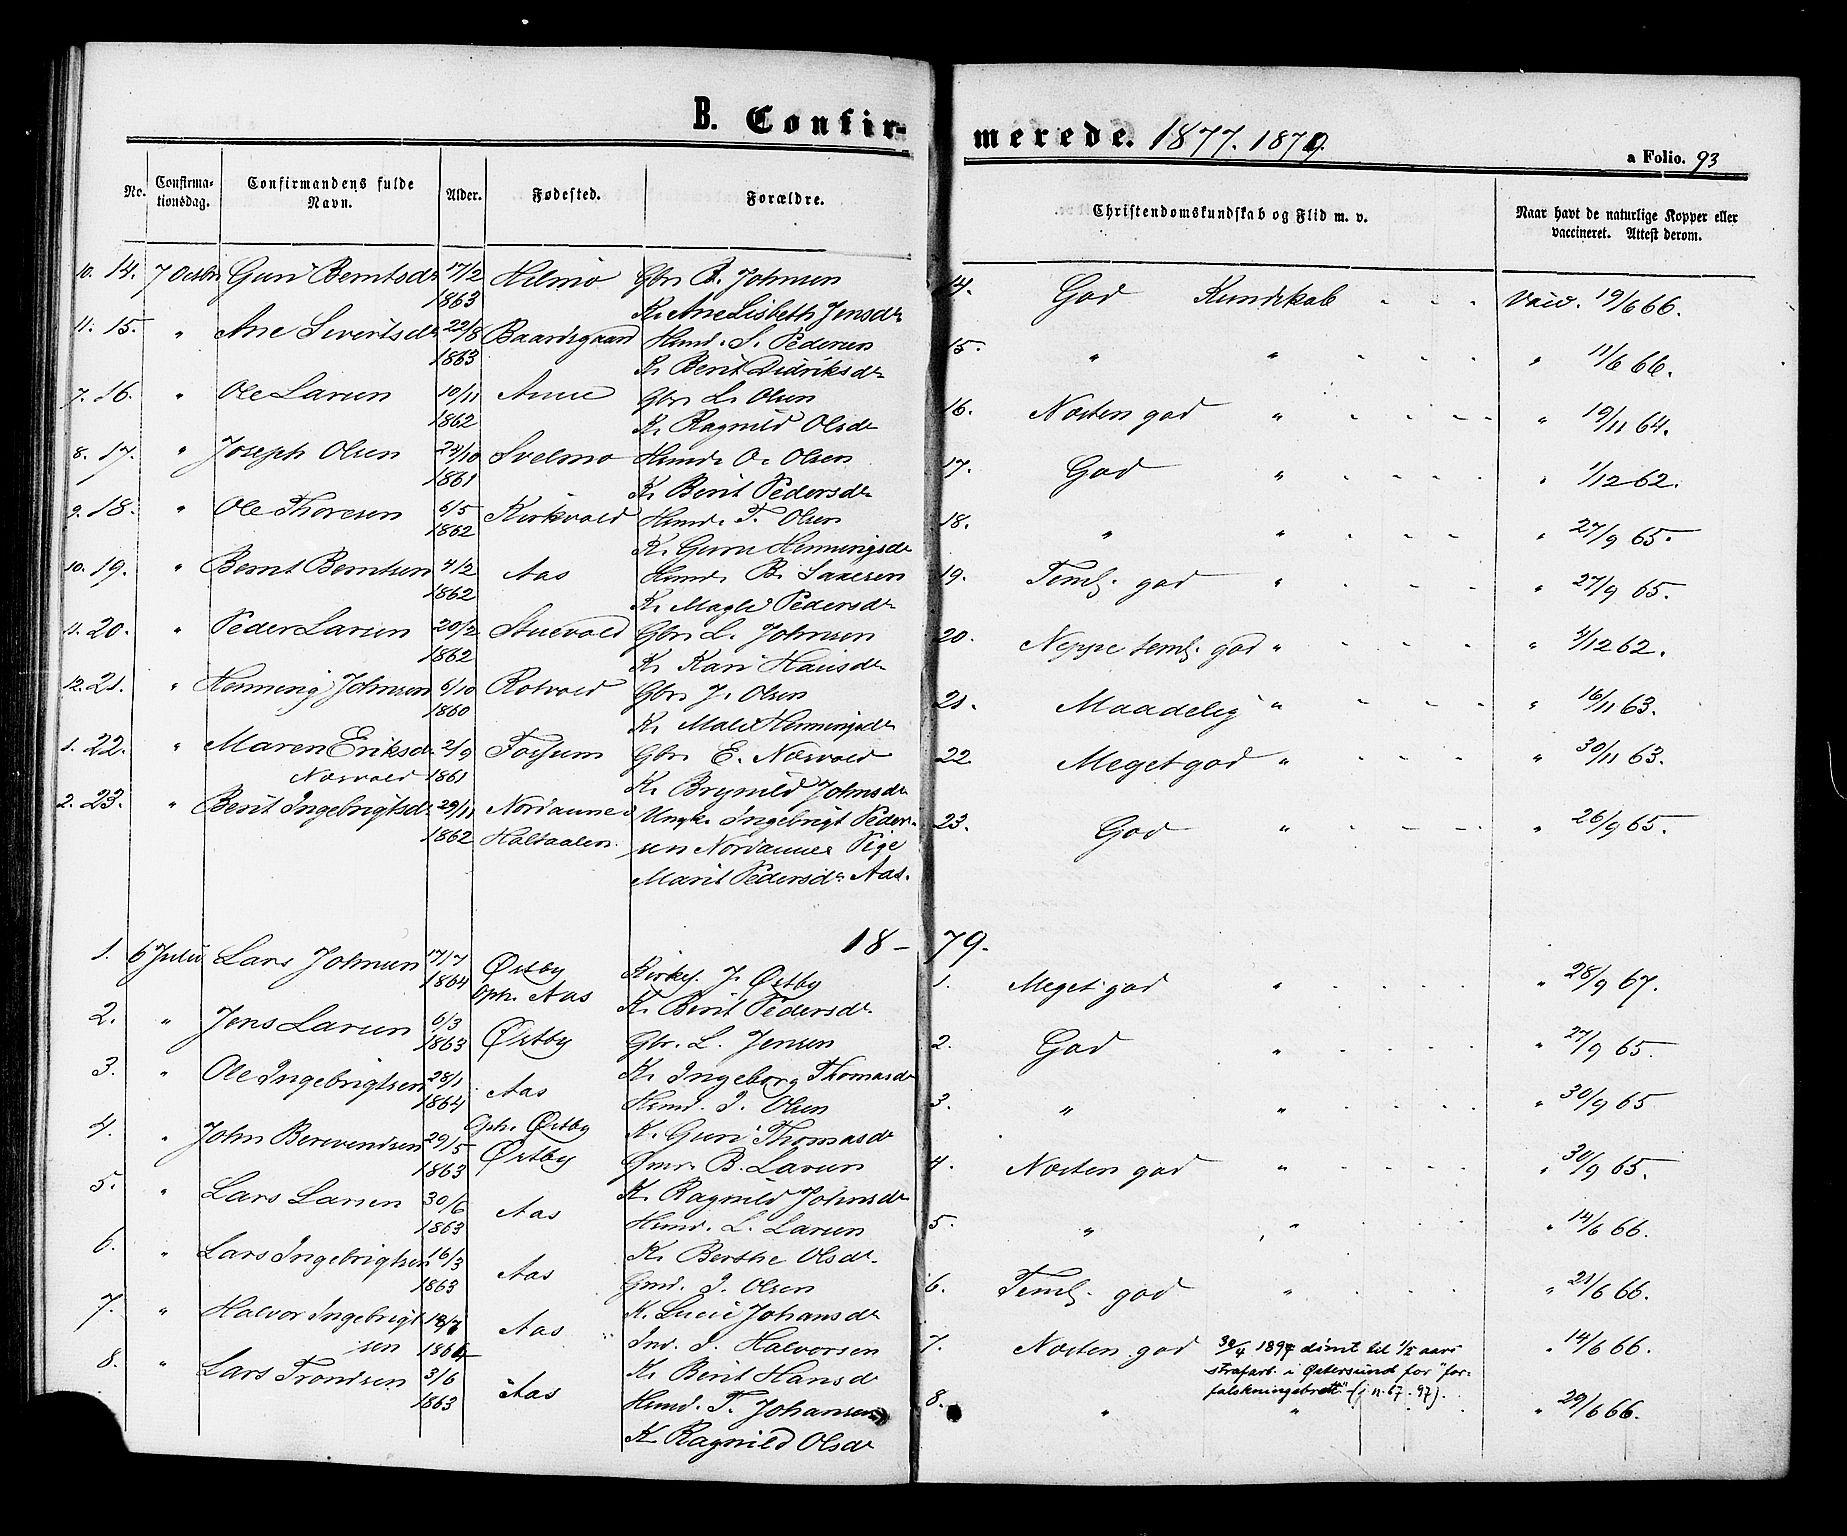 SAT, Ministerialprotokoller, klokkerbøker og fødselsregistre - Sør-Trøndelag, 698/L1163: Ministerialbok nr. 698A01, 1862-1887, s. 93